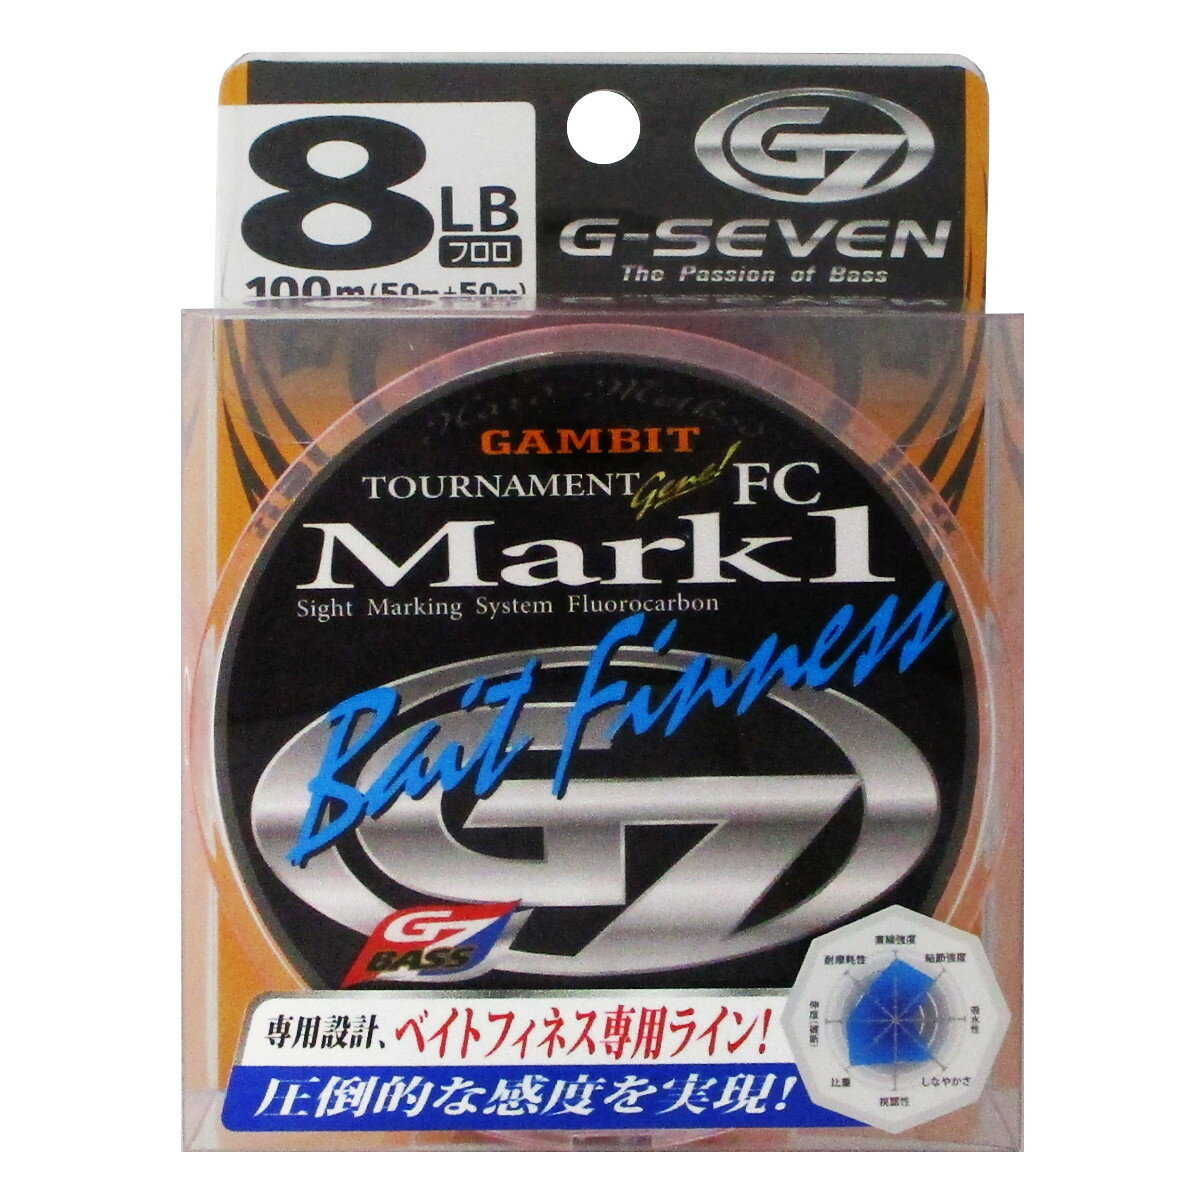 ラインシステム G7 トーナメントジーン MARK1 ベイトフィネス G3108B 100m 8lb【ゆうパケット】